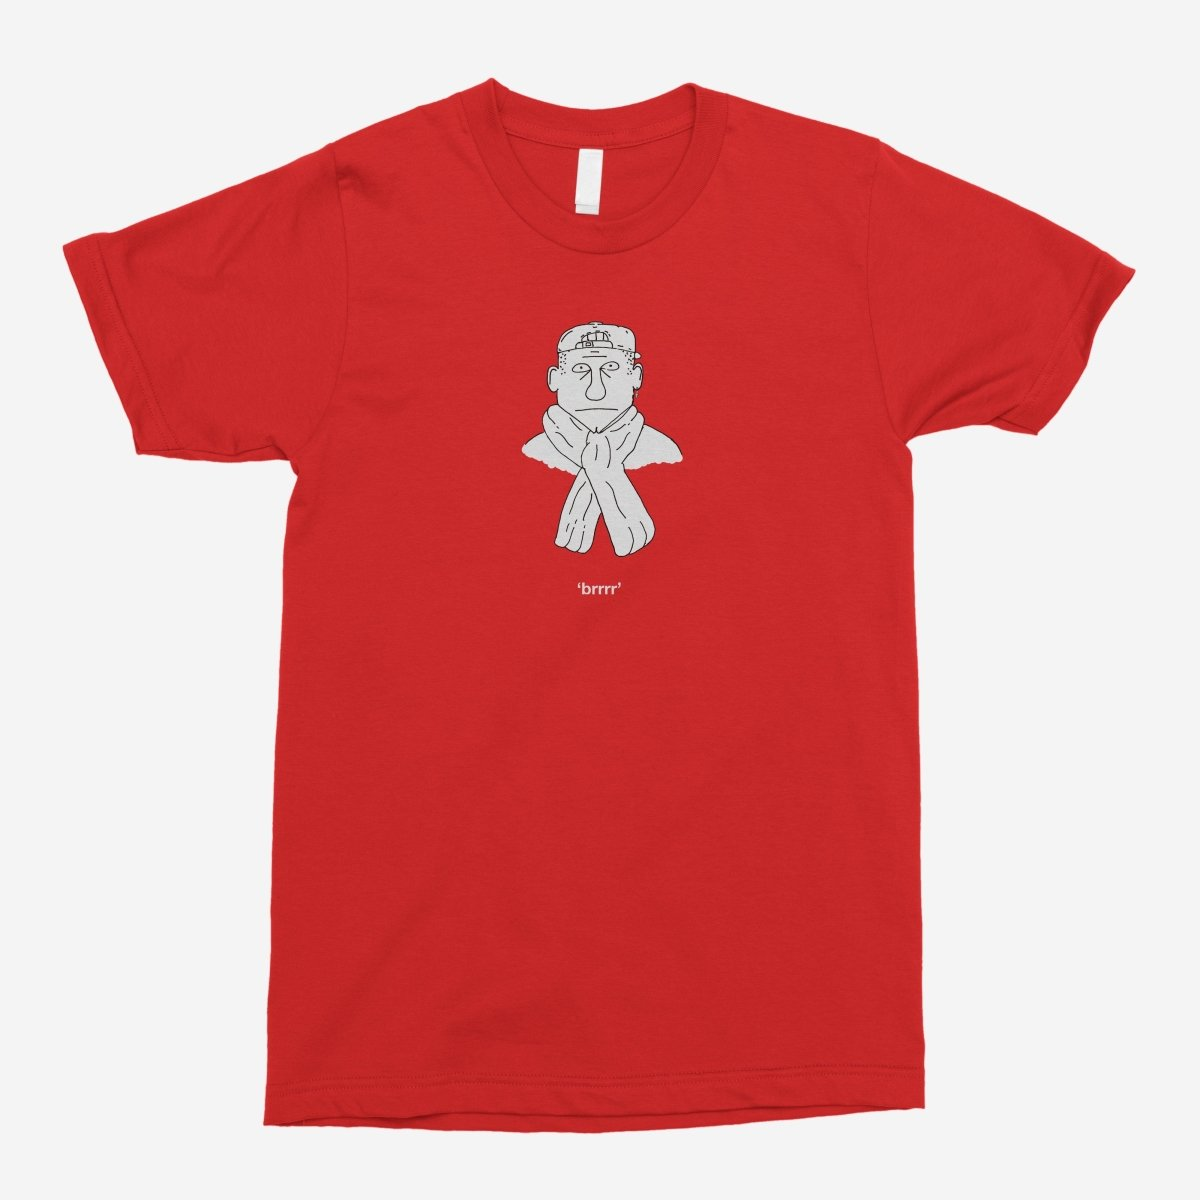 Fresh - BRRRR Unisex T-Shirt